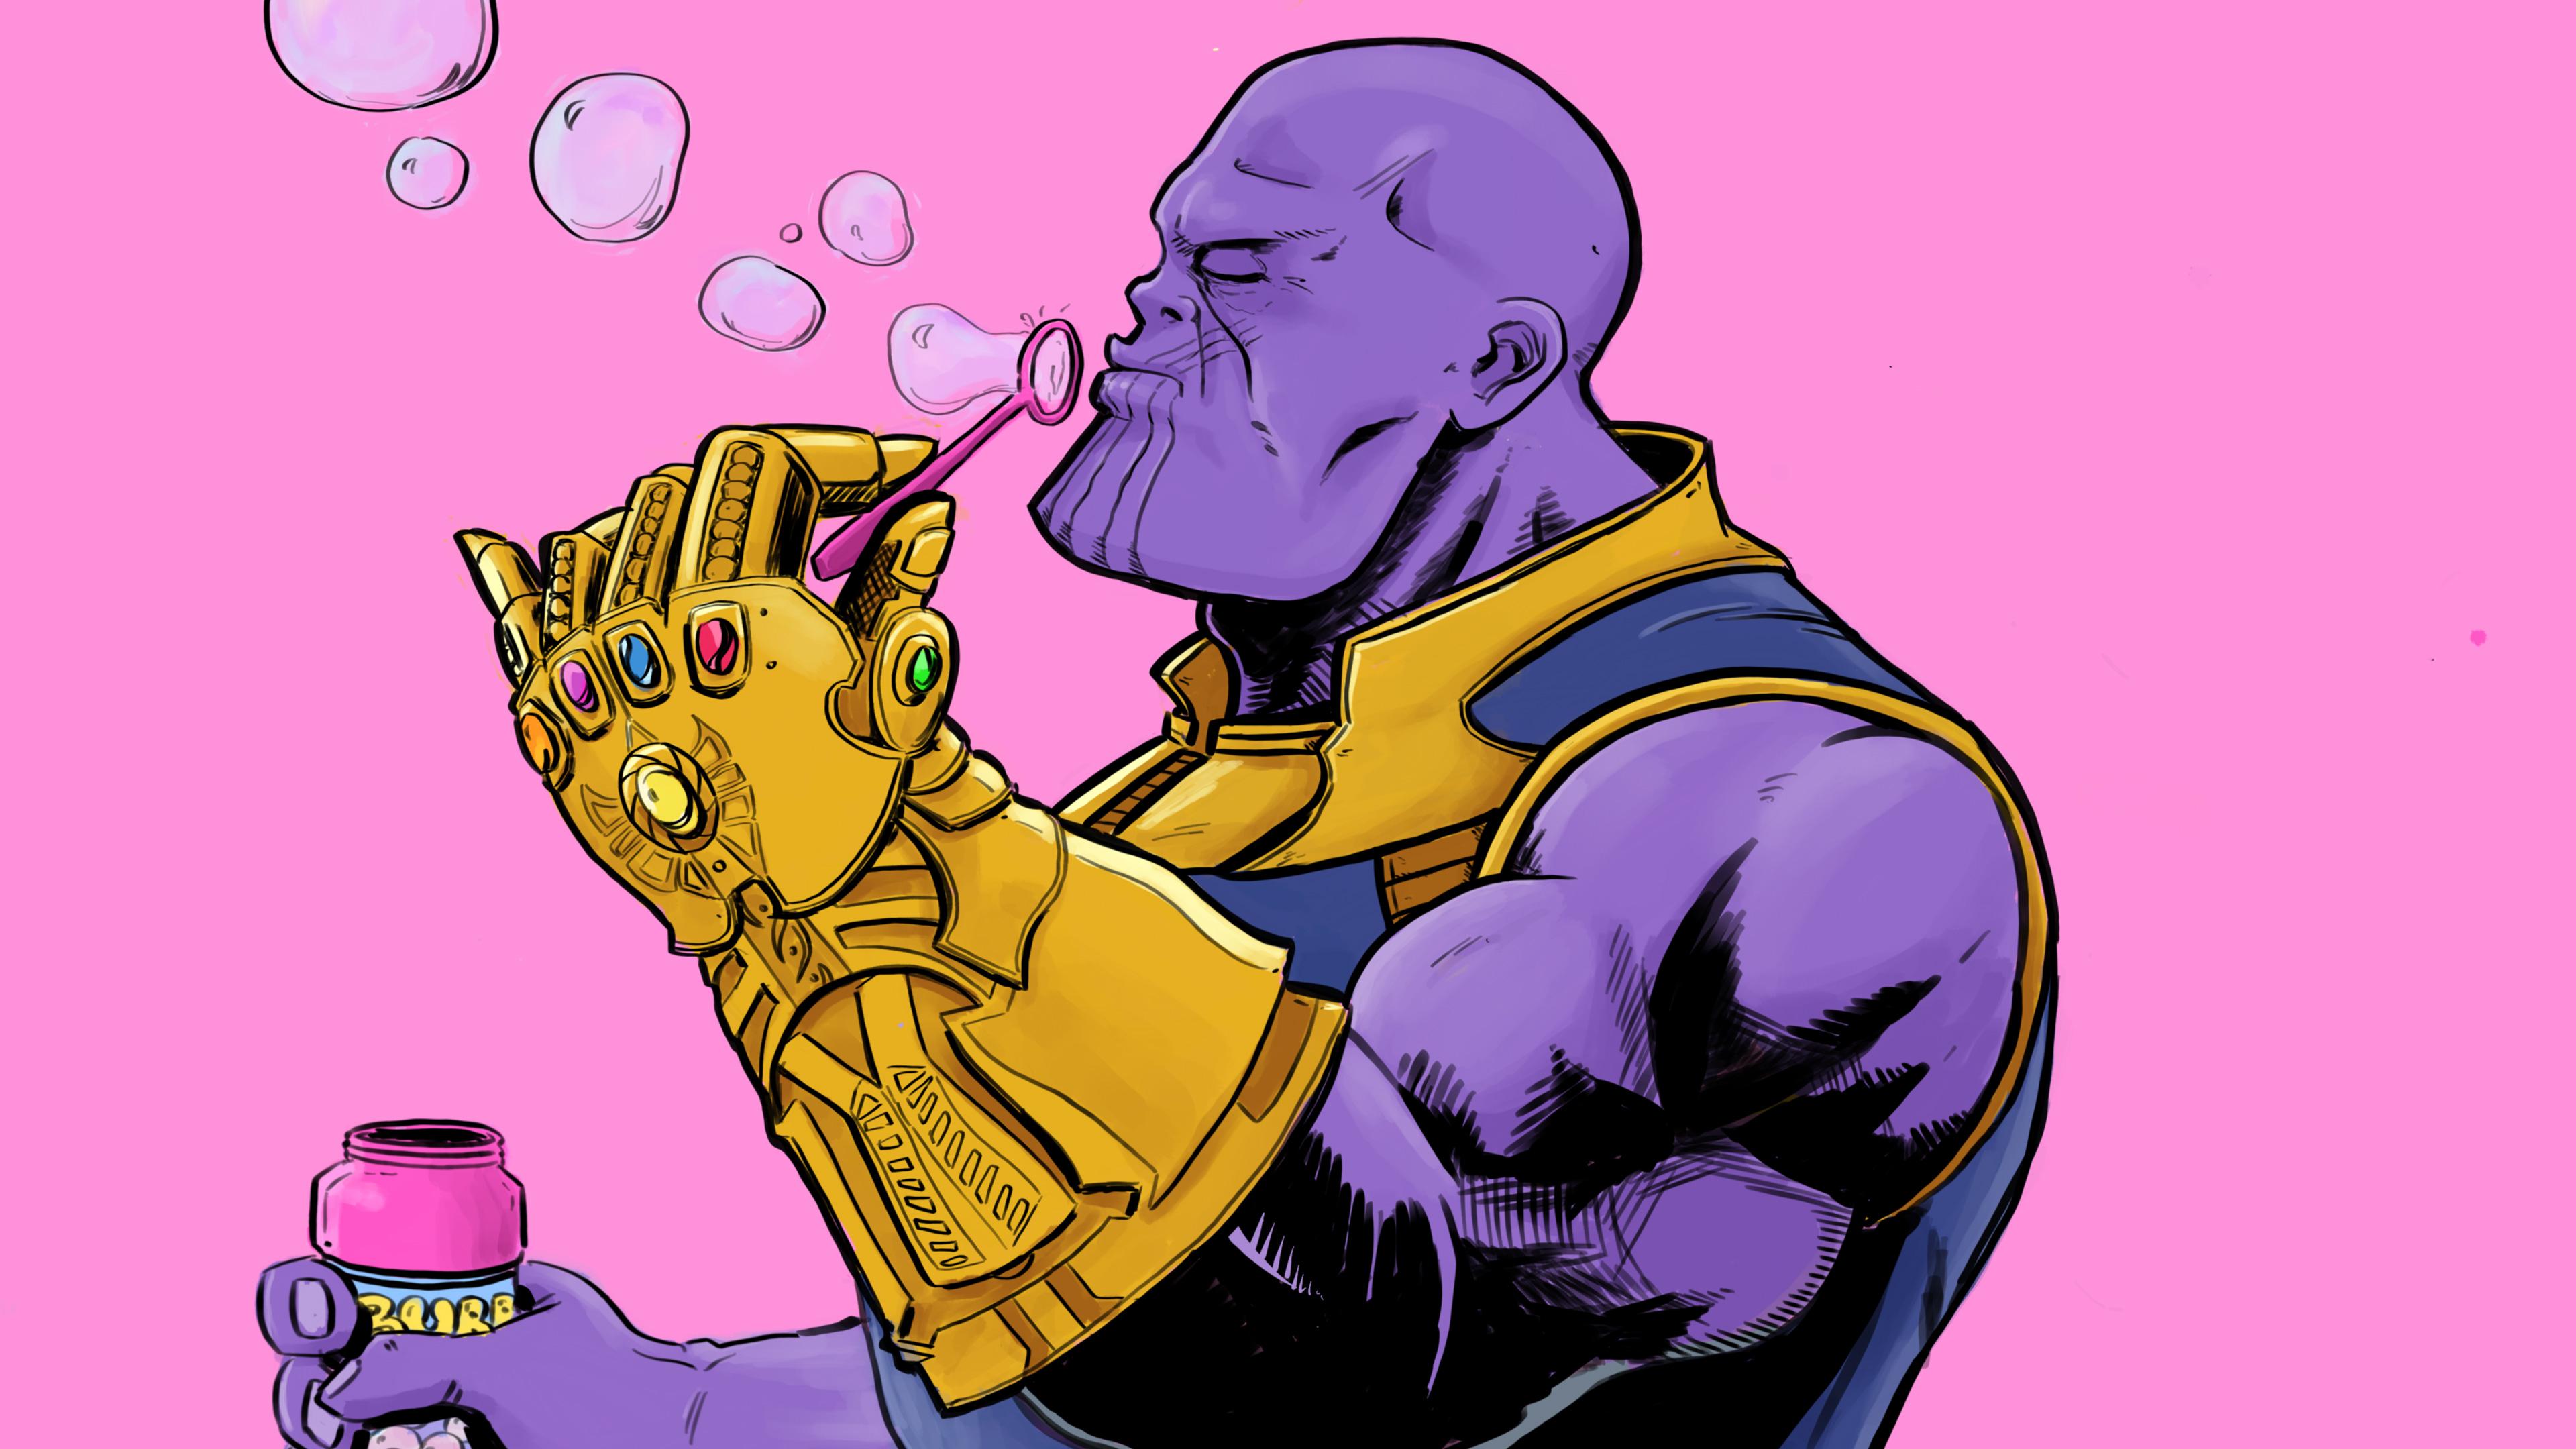 thanos blowing bubbles 1539978576 - Thanos Blowing Bubbles - thanos-wallpapers, supervillain wallpapers, superheroes wallpapers, hd-wallpapers, funny wallpapers, bubbles wallpapers, behance wallpapers, artist wallpapers, 4k-wallpapers